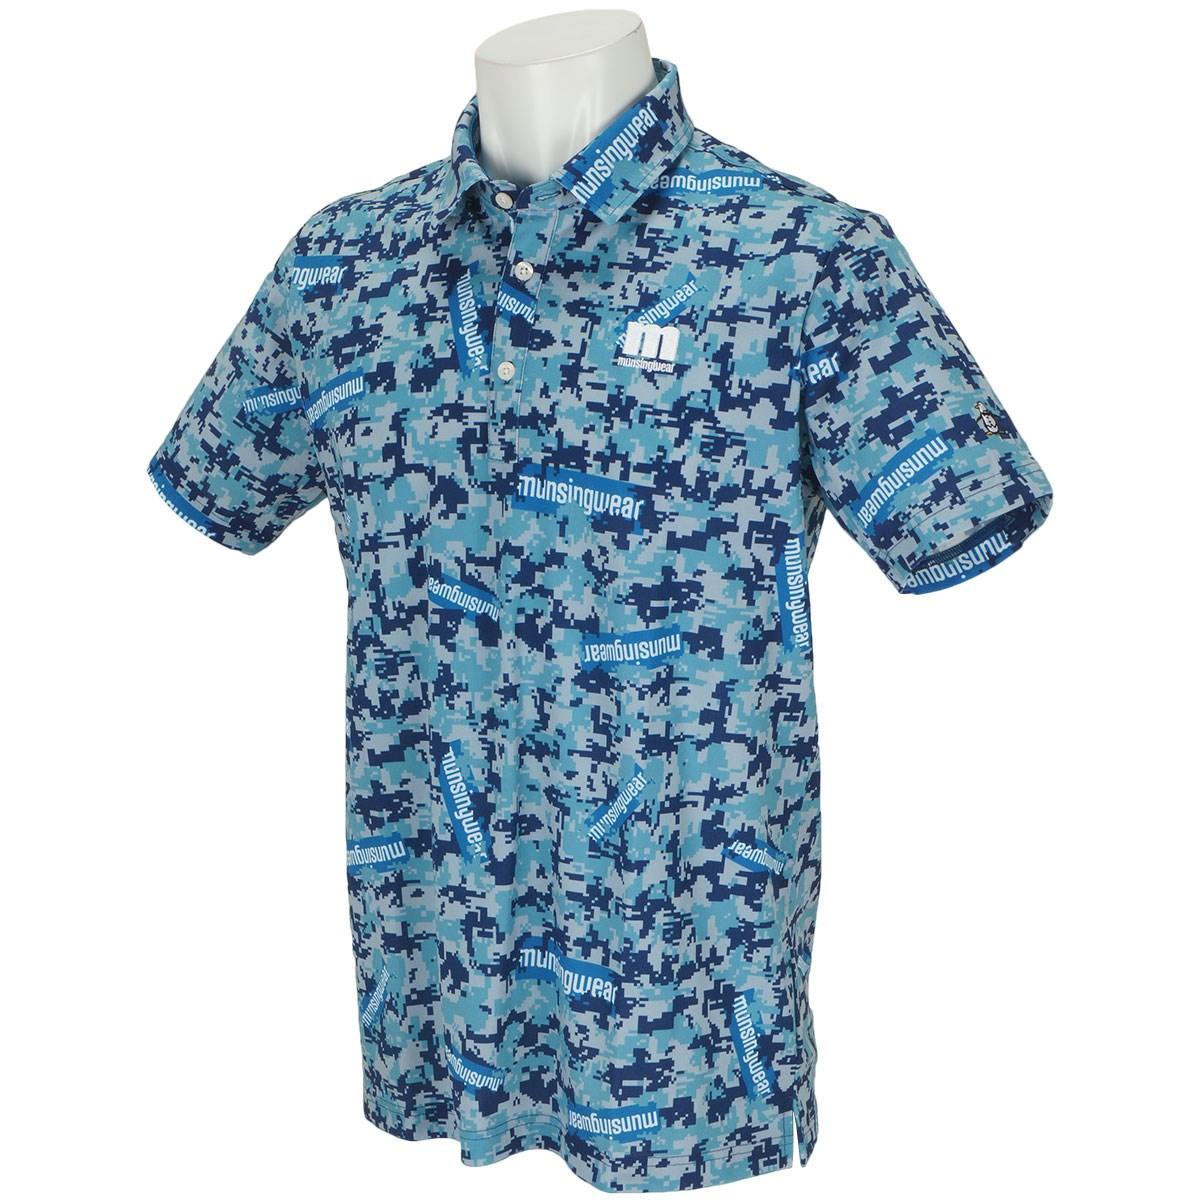 マンシングウェア ENVOY ストレッチ ステッカーロゴ&カモフラプリント半袖ポロシャツ